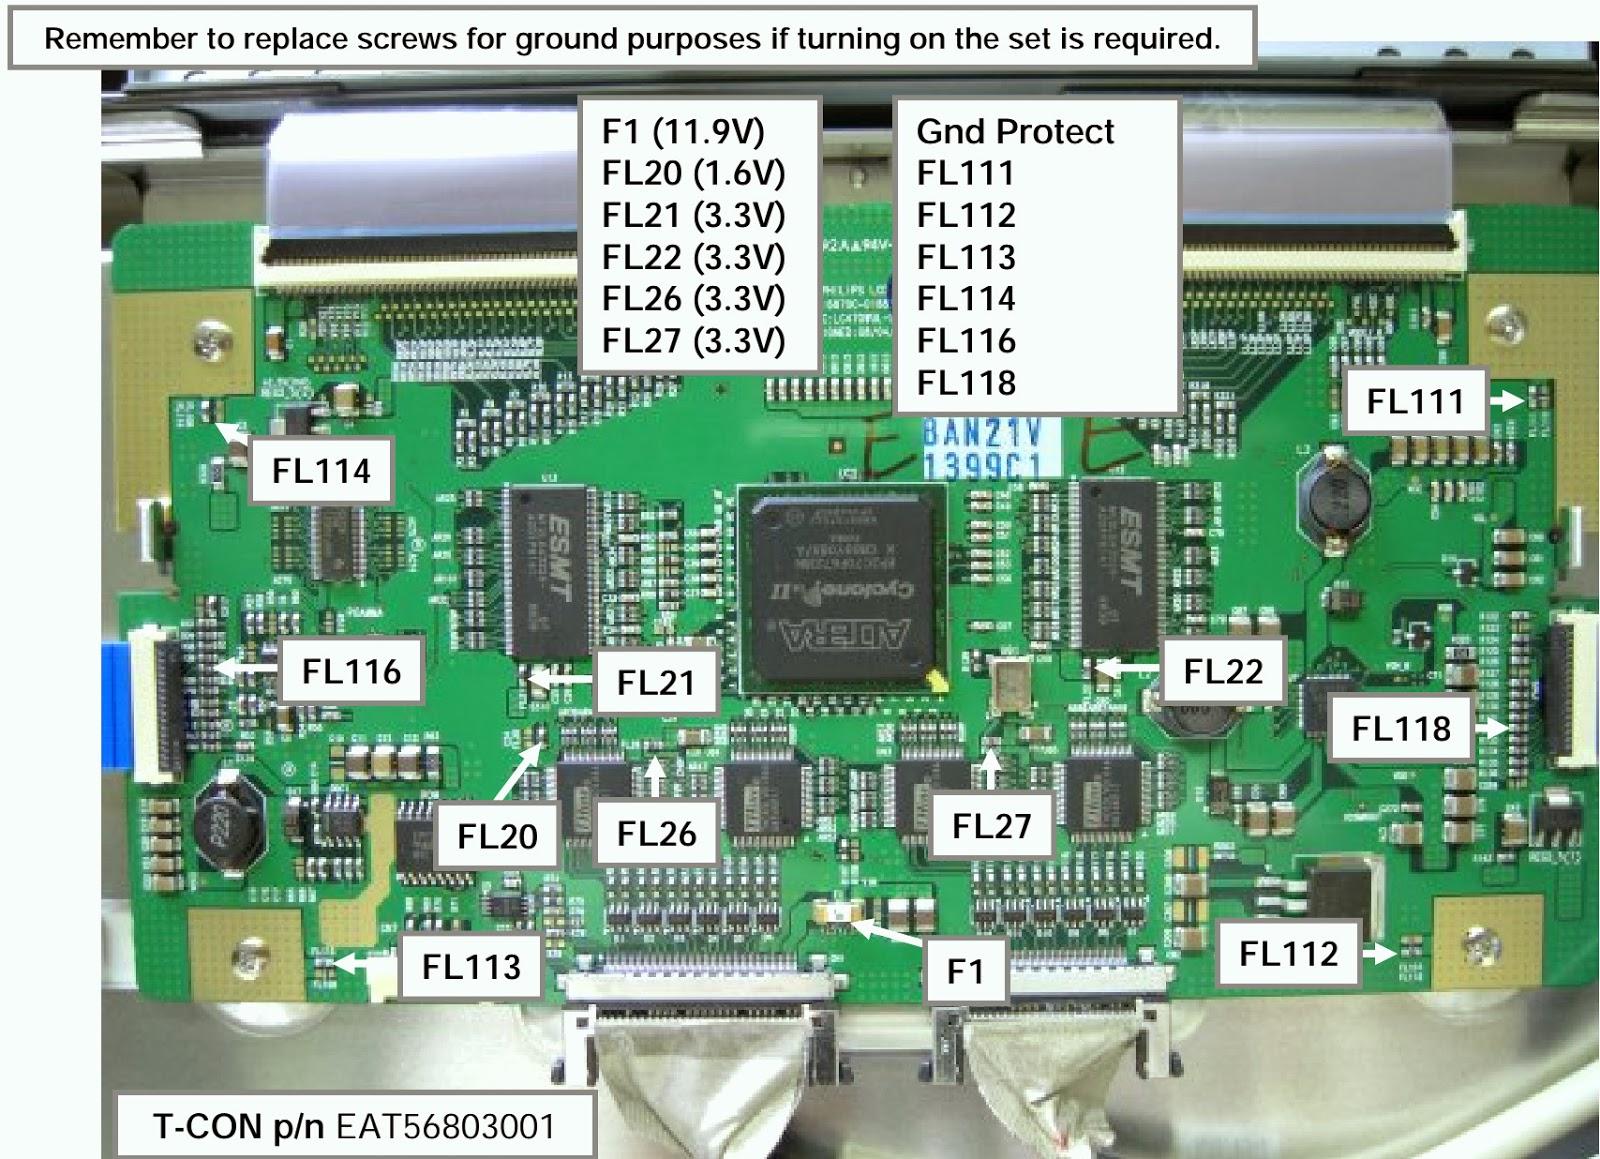 Electro Help Fl112 Fuse Box Pwb Checks